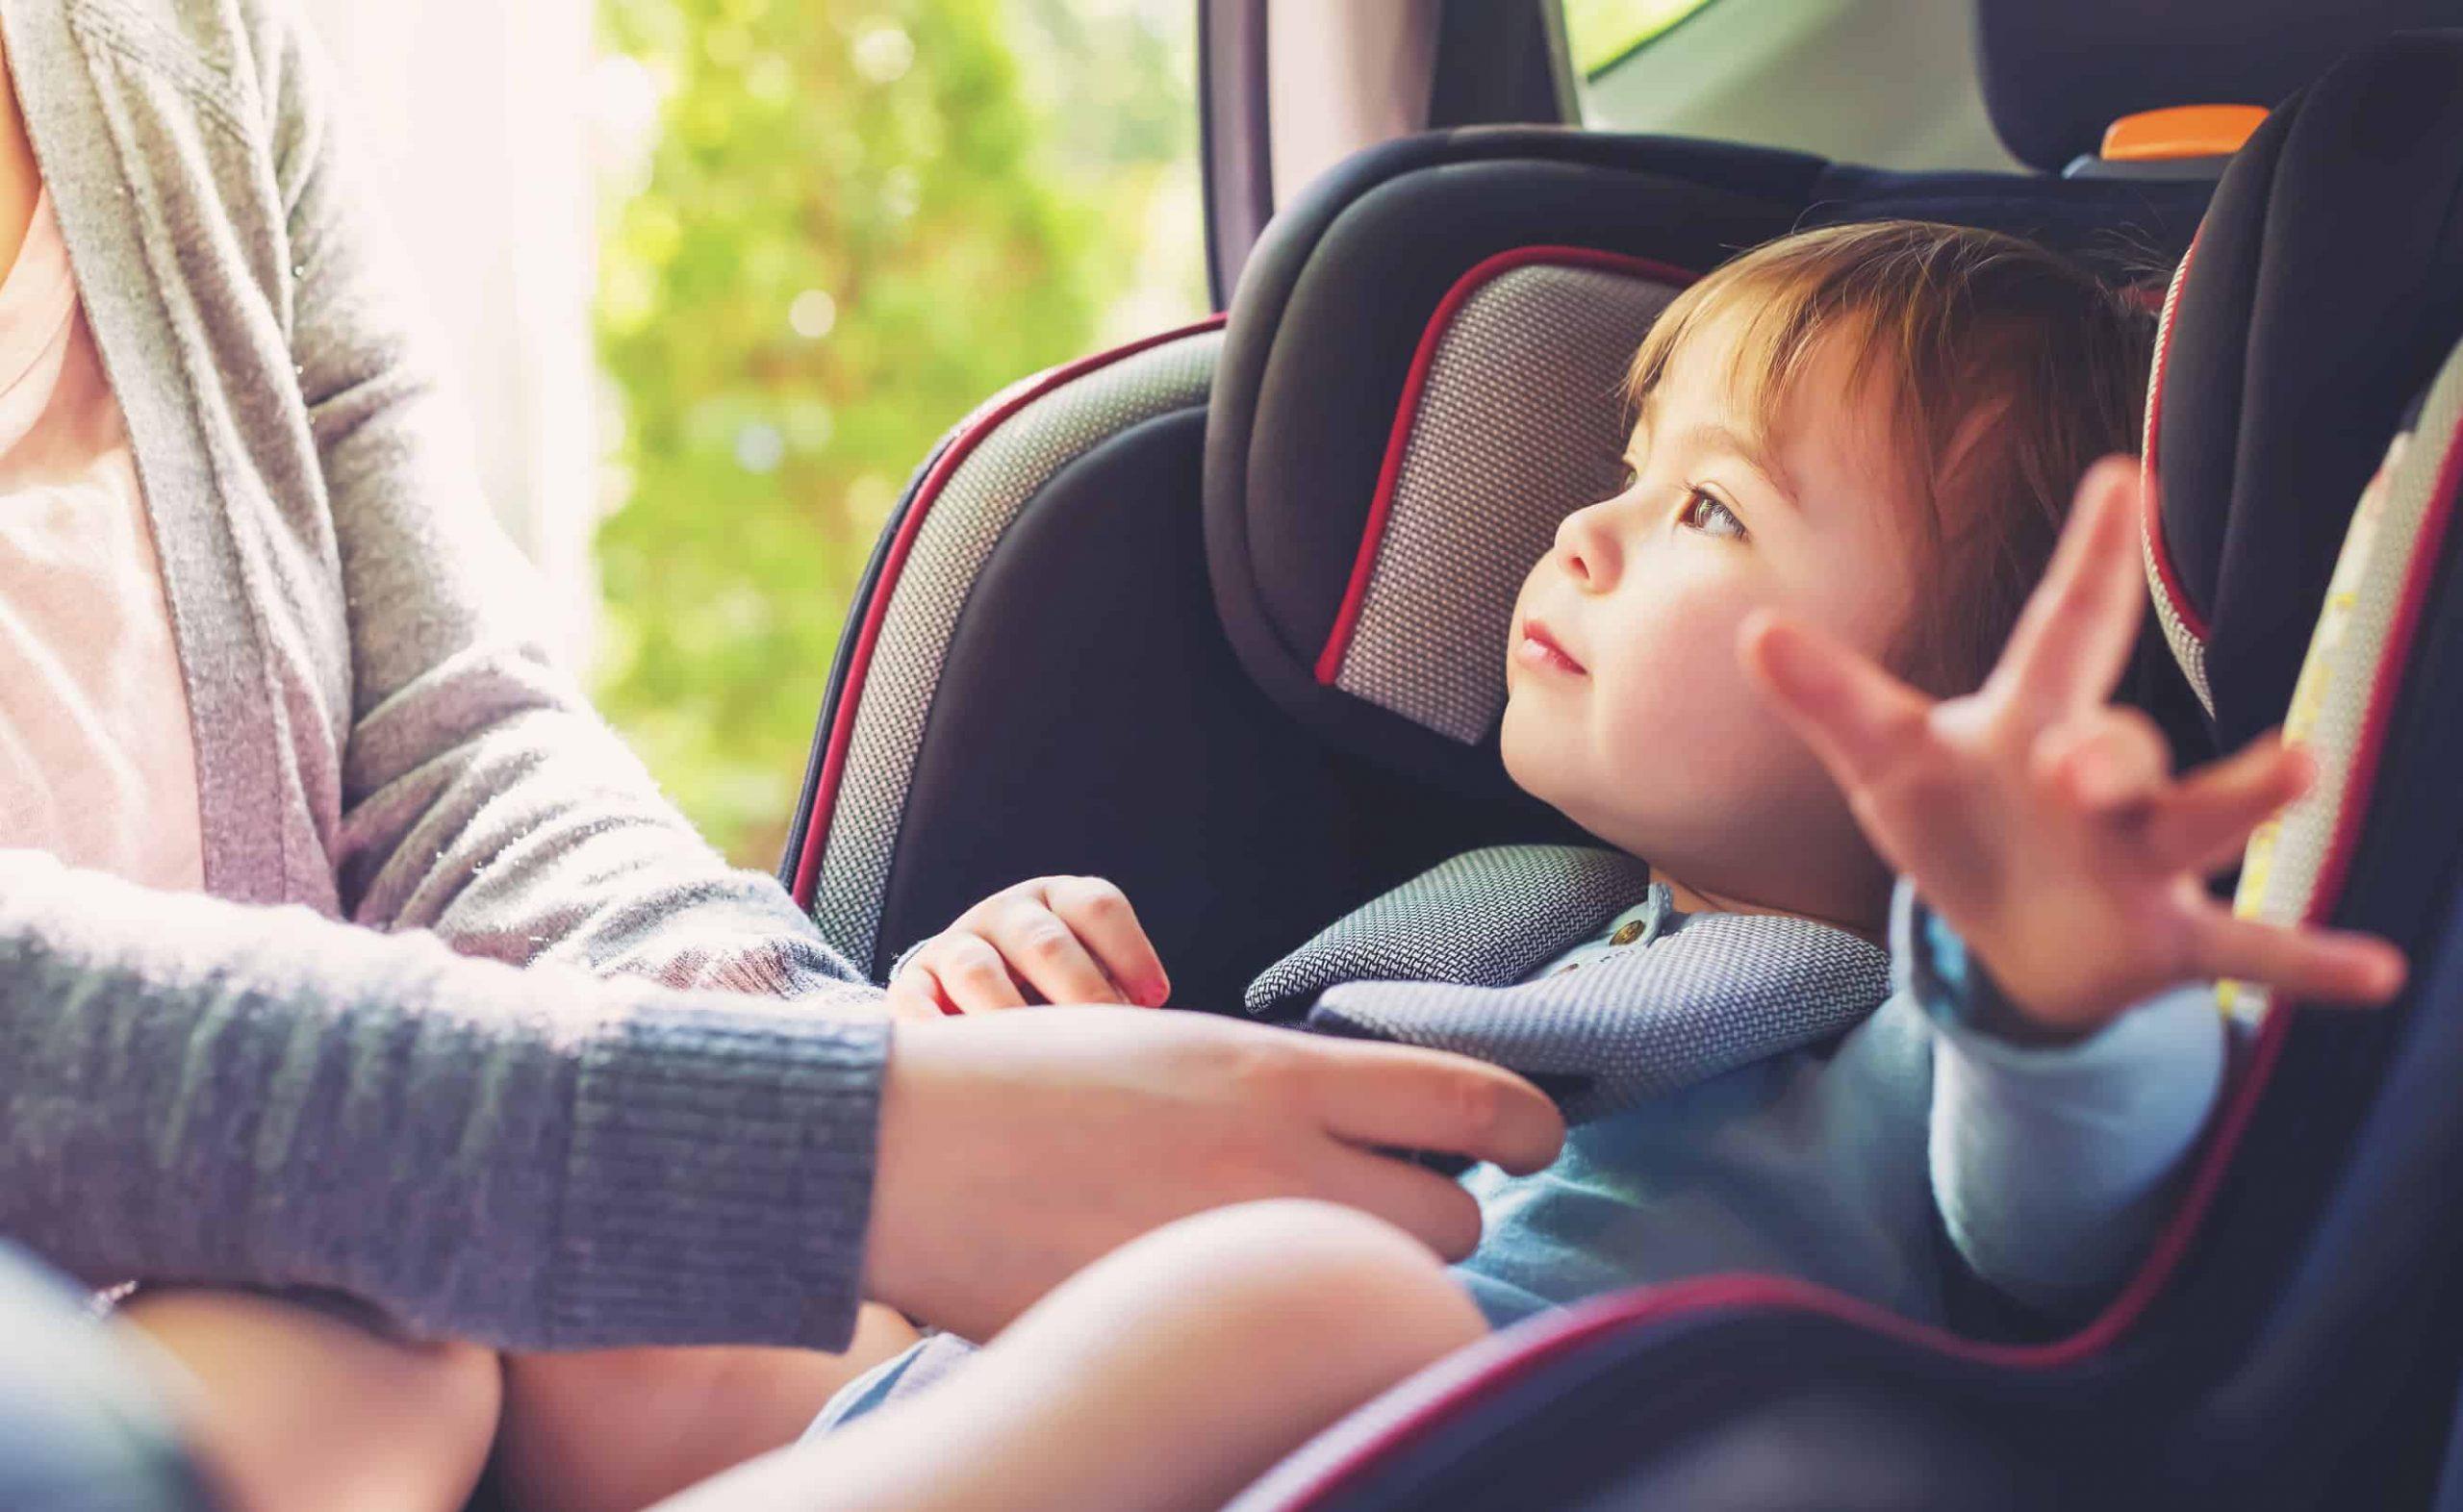 Asiento infantil para auto: ¿Cuál es el mejor del 2020?